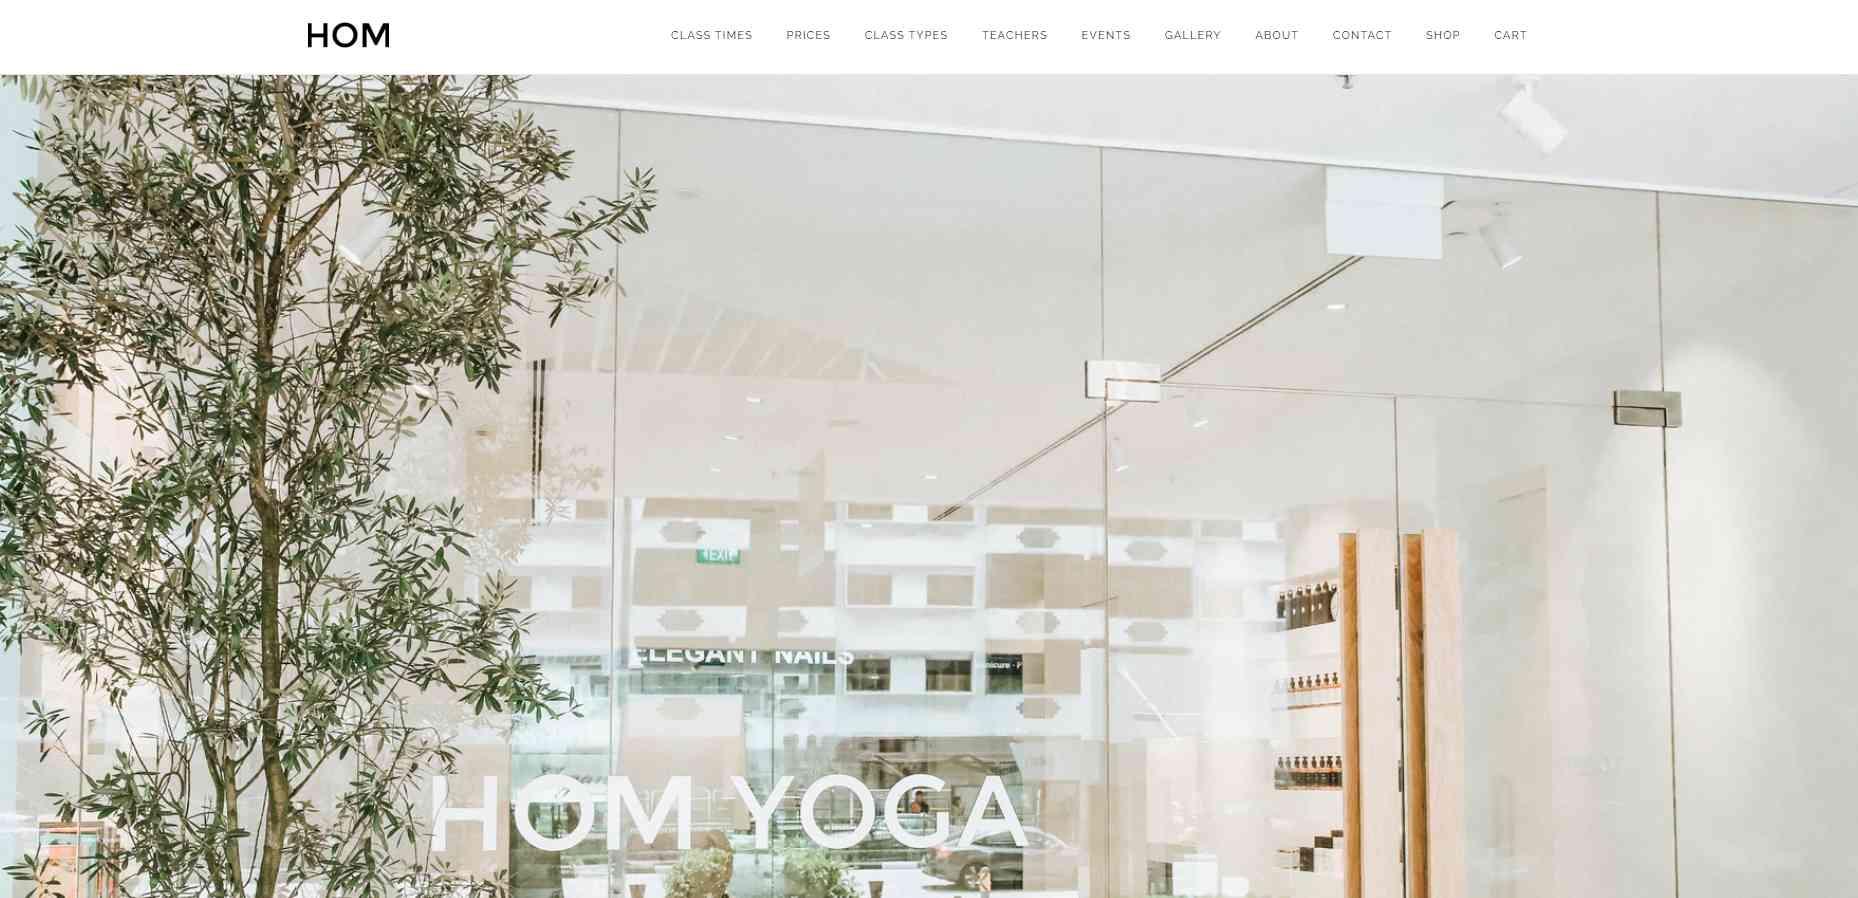 hom yoga Top Yoga Studios in Singapore